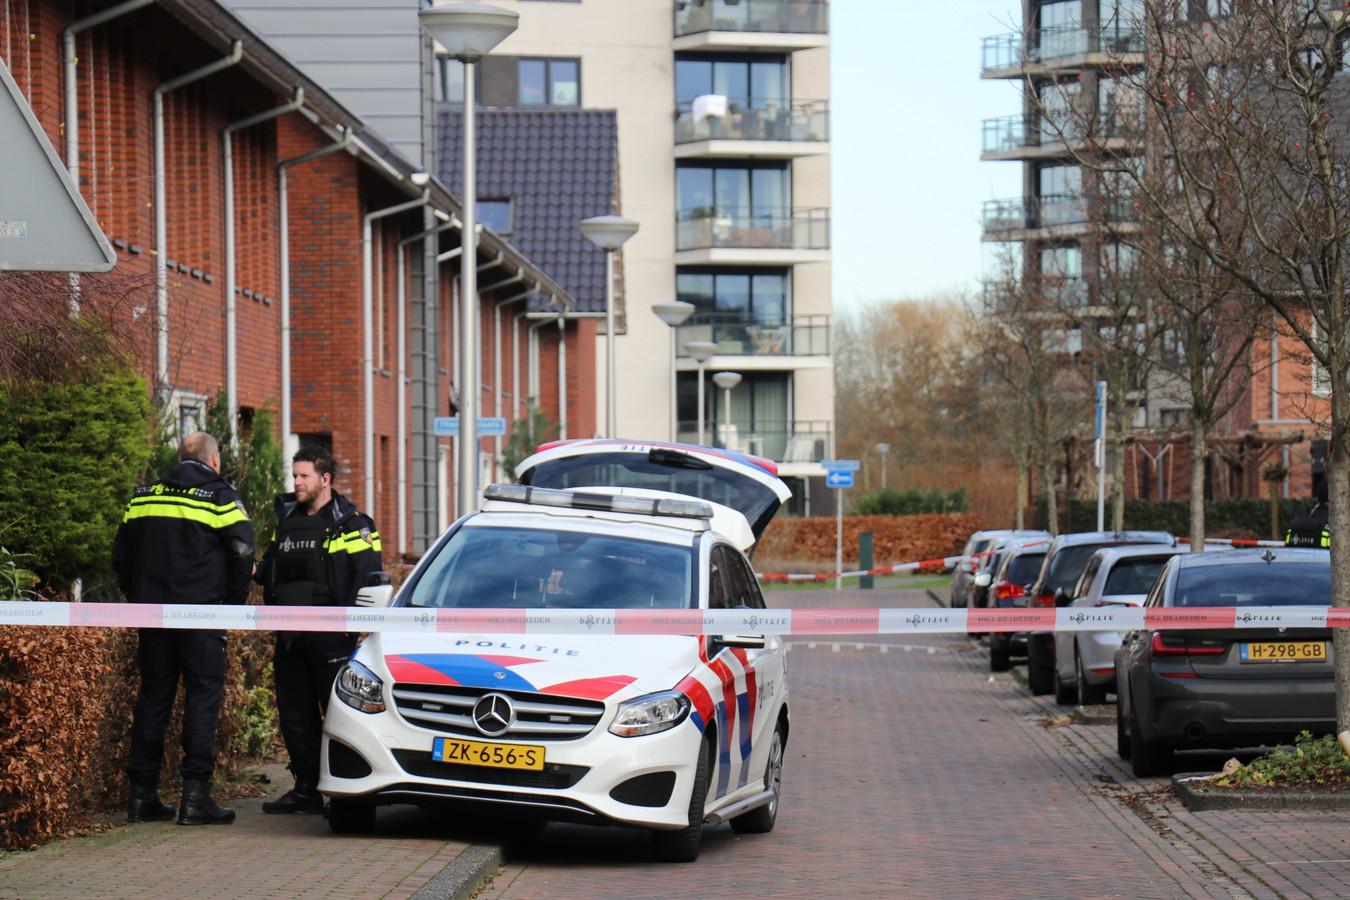 Politie op zoek naar getuigen woningoverval Theetuinlaan Vleuten